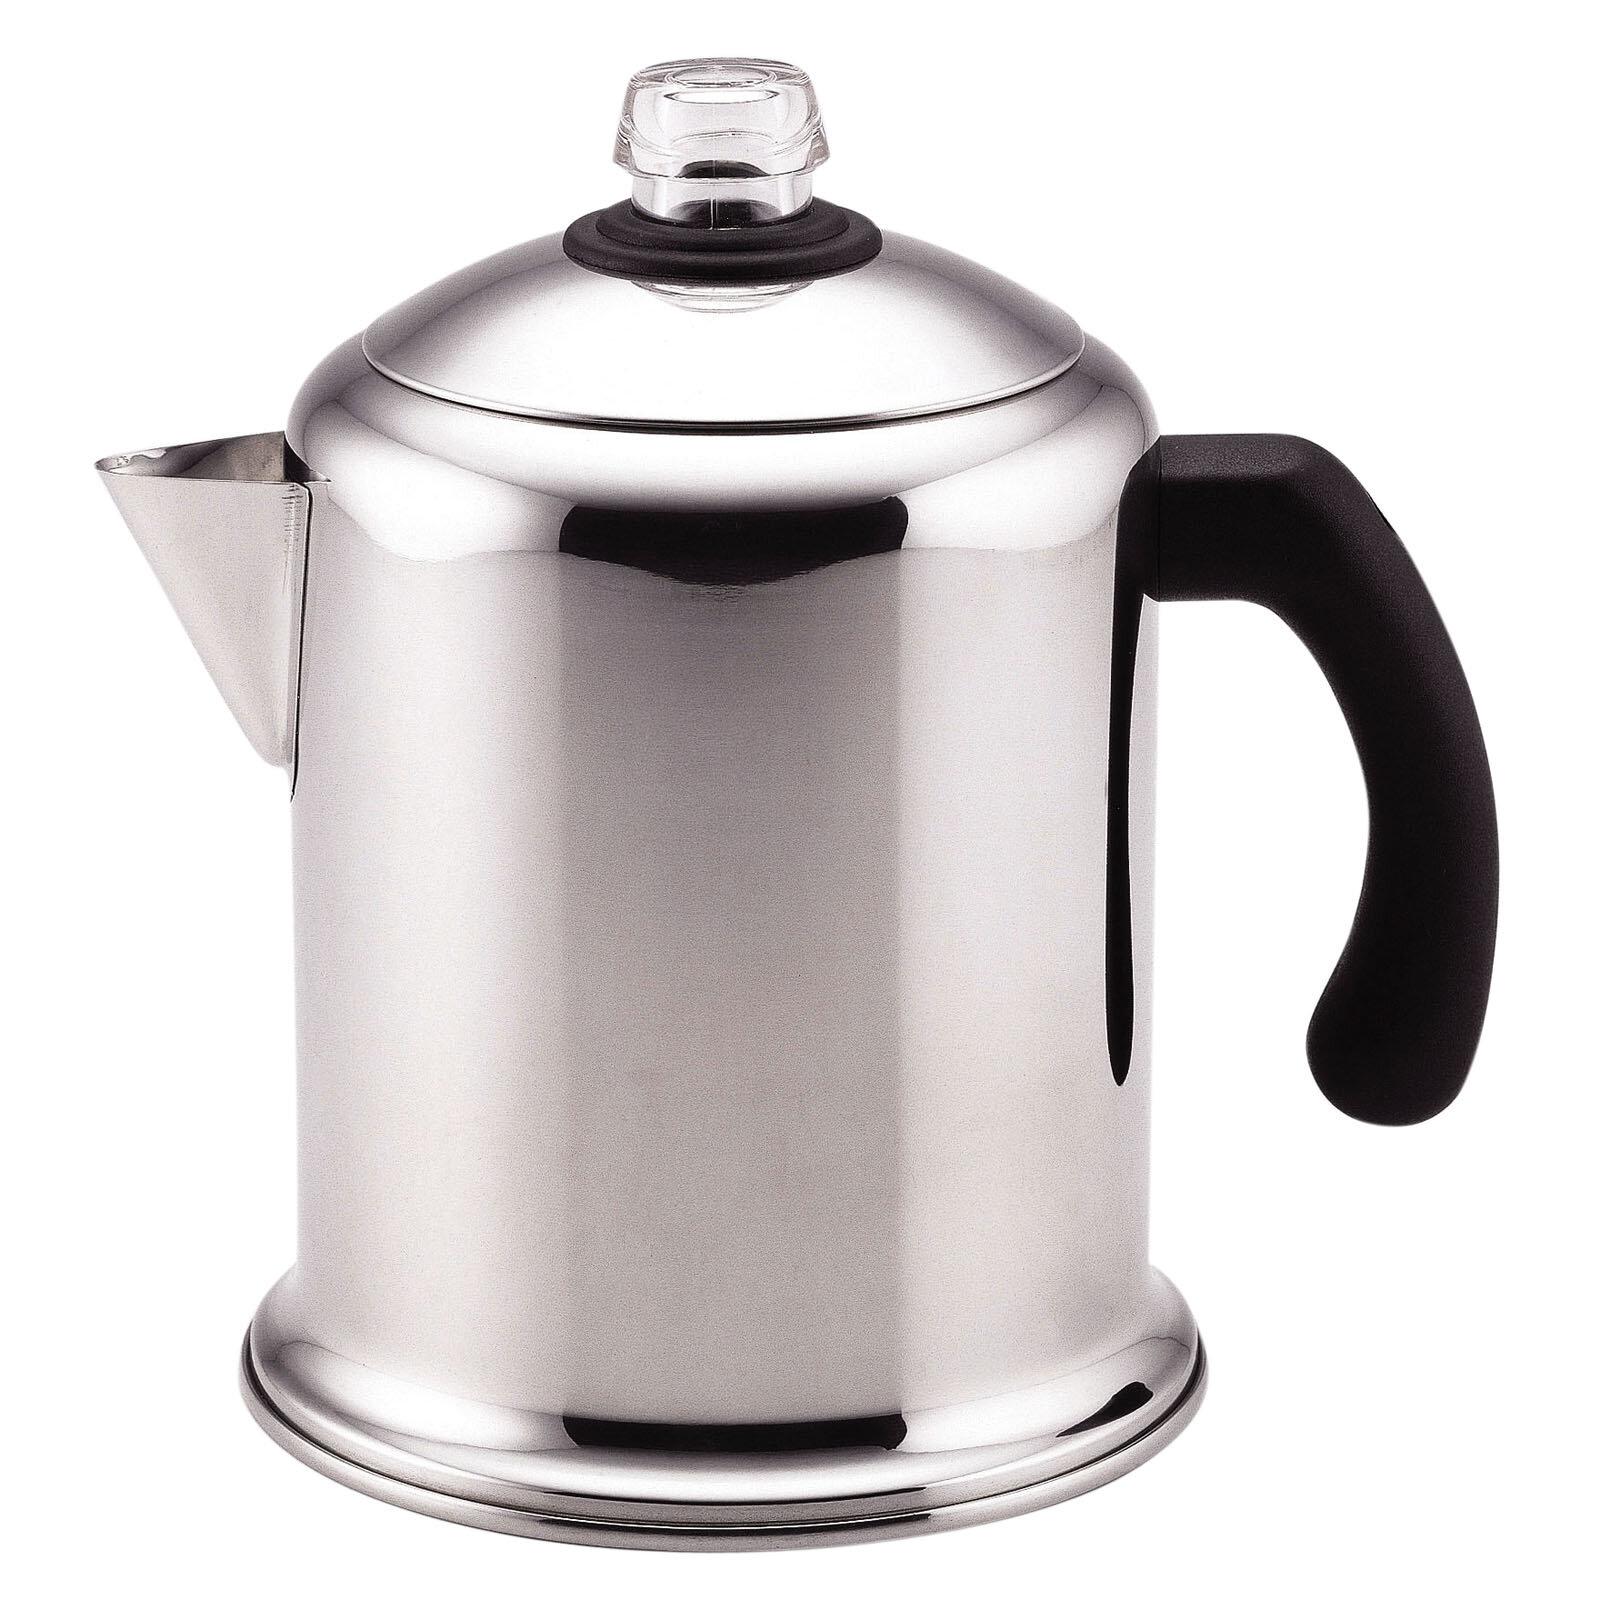 Farberware 8 Cup Clic Yosemite Stovetop Coffee Maker Reviews Wayfair